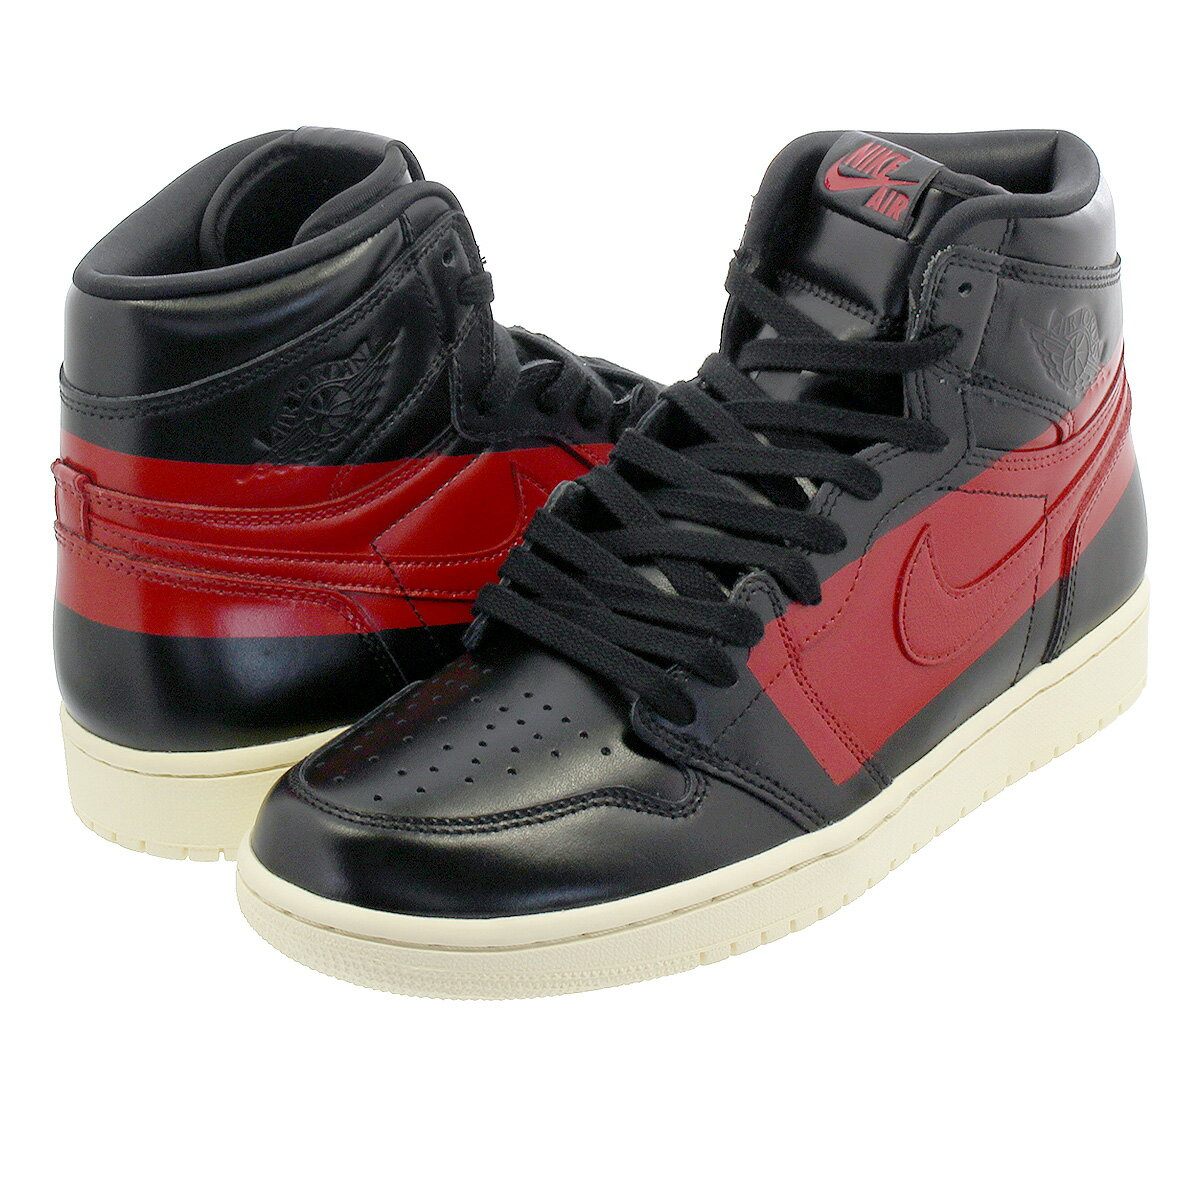 nike air jordan black and red